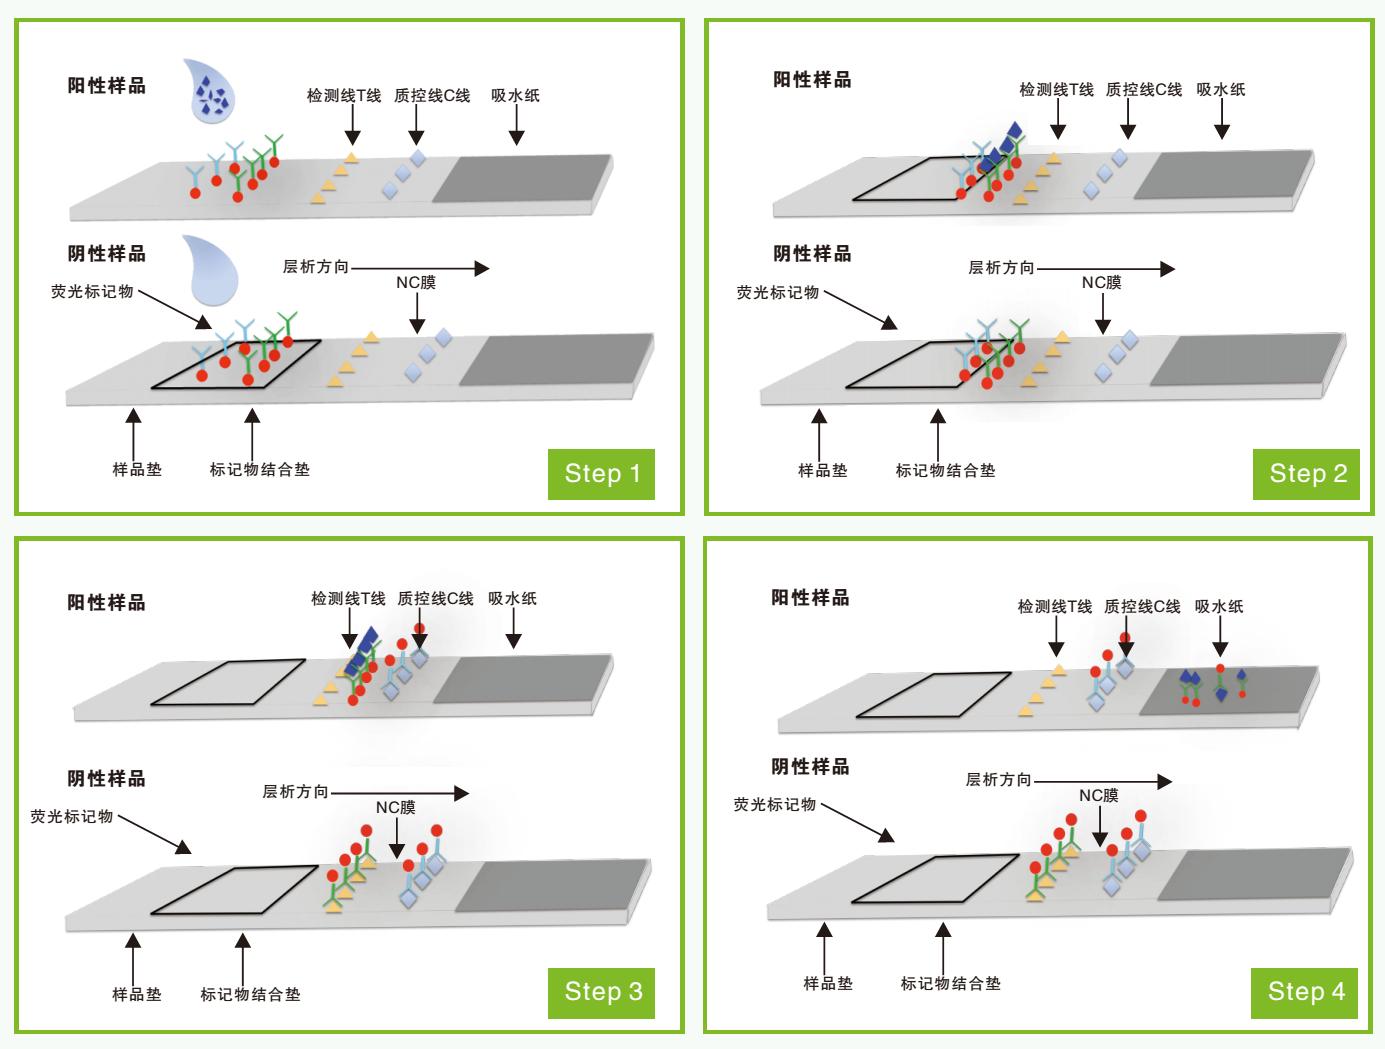 荧光定量免疫层析检测过程示意图